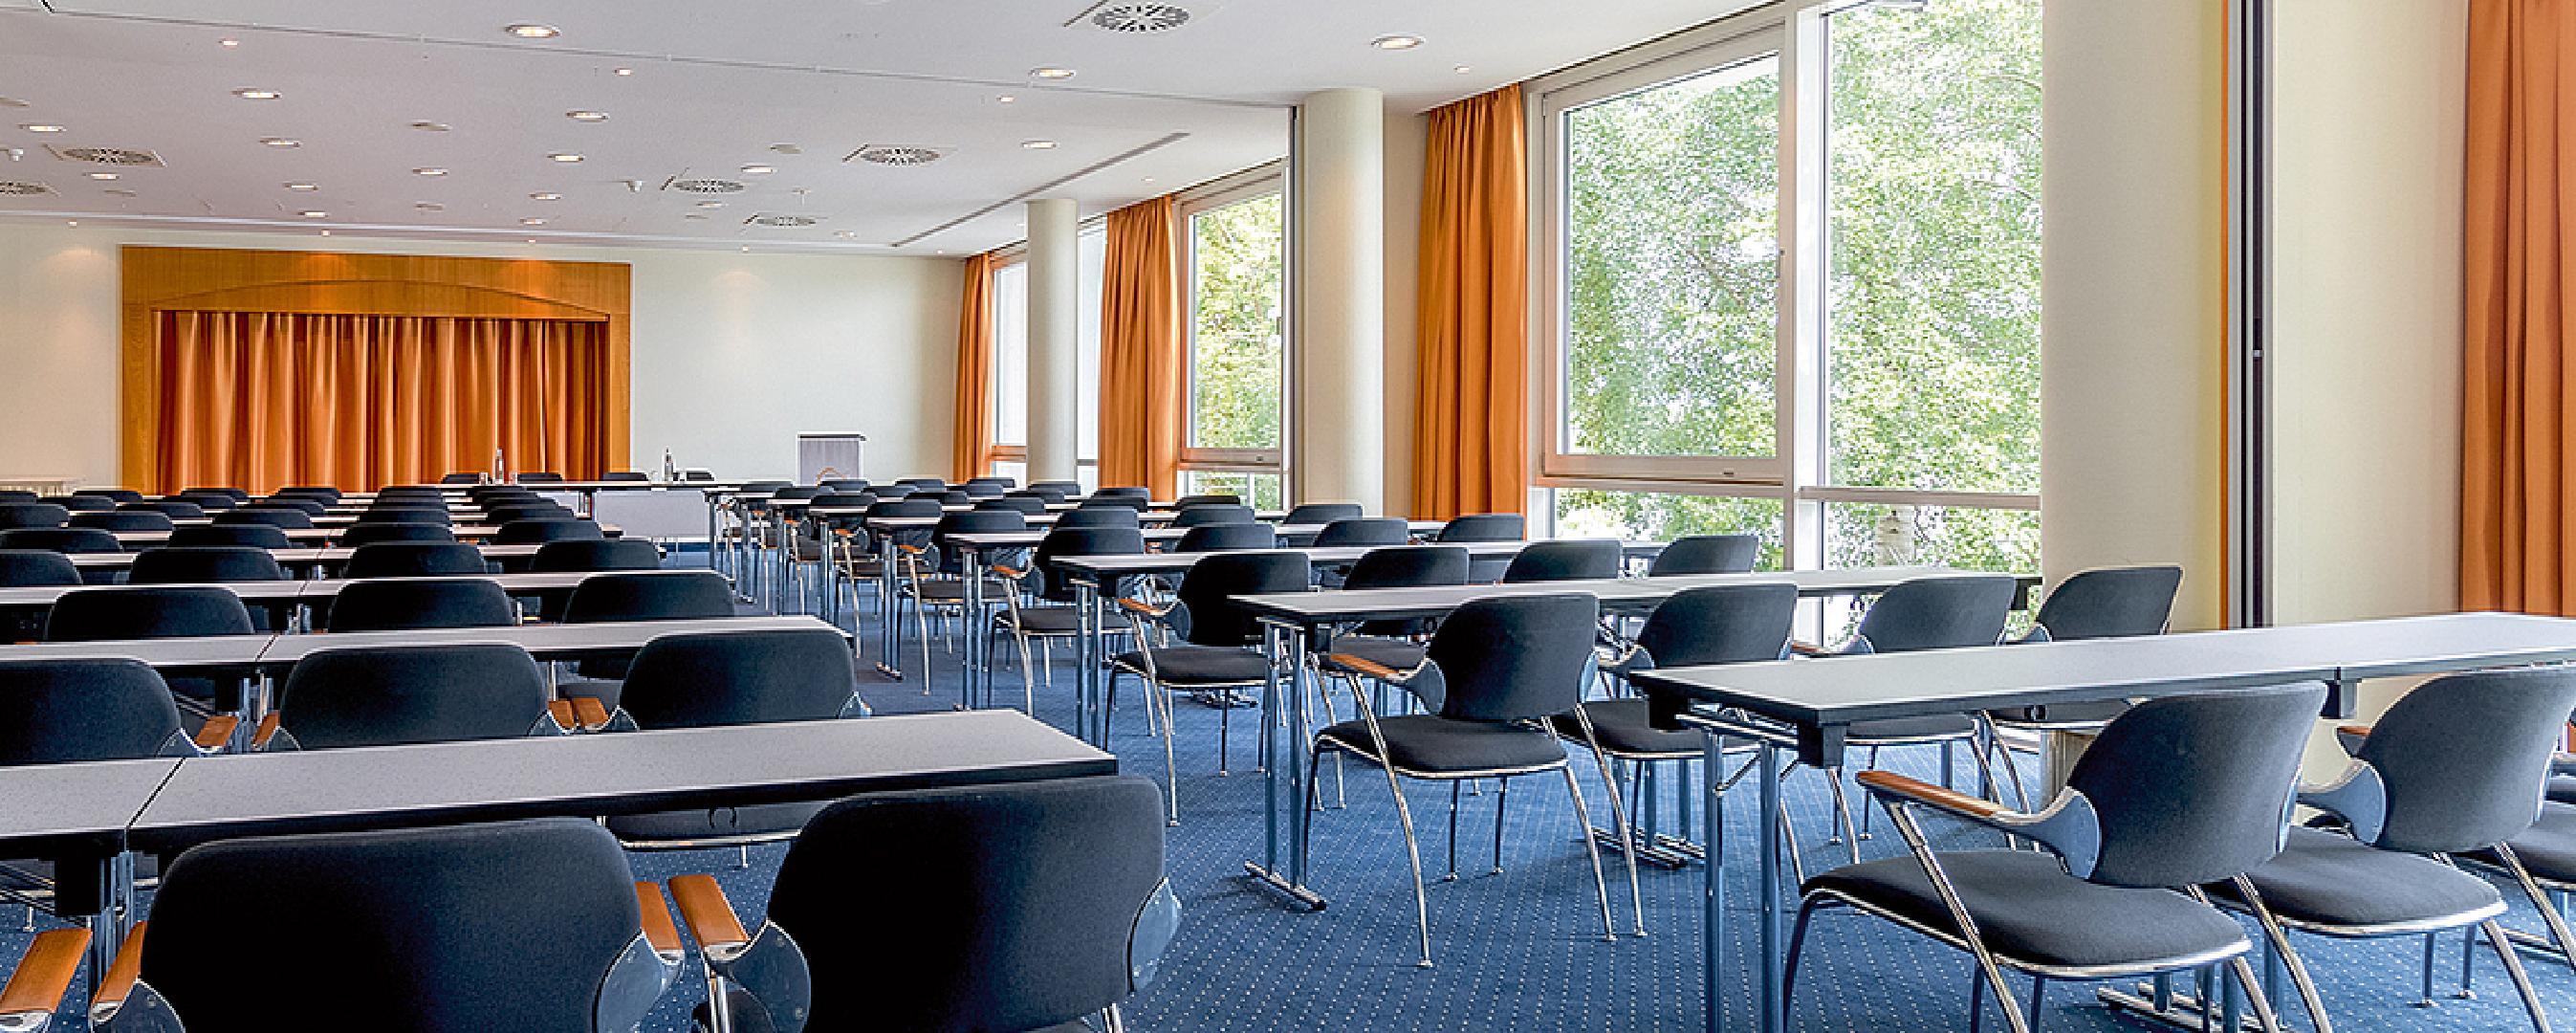 Picture 2 of Tagungsräume Brandenburg, Potsdam, Berlin & Gribnitzsee, Wannsee